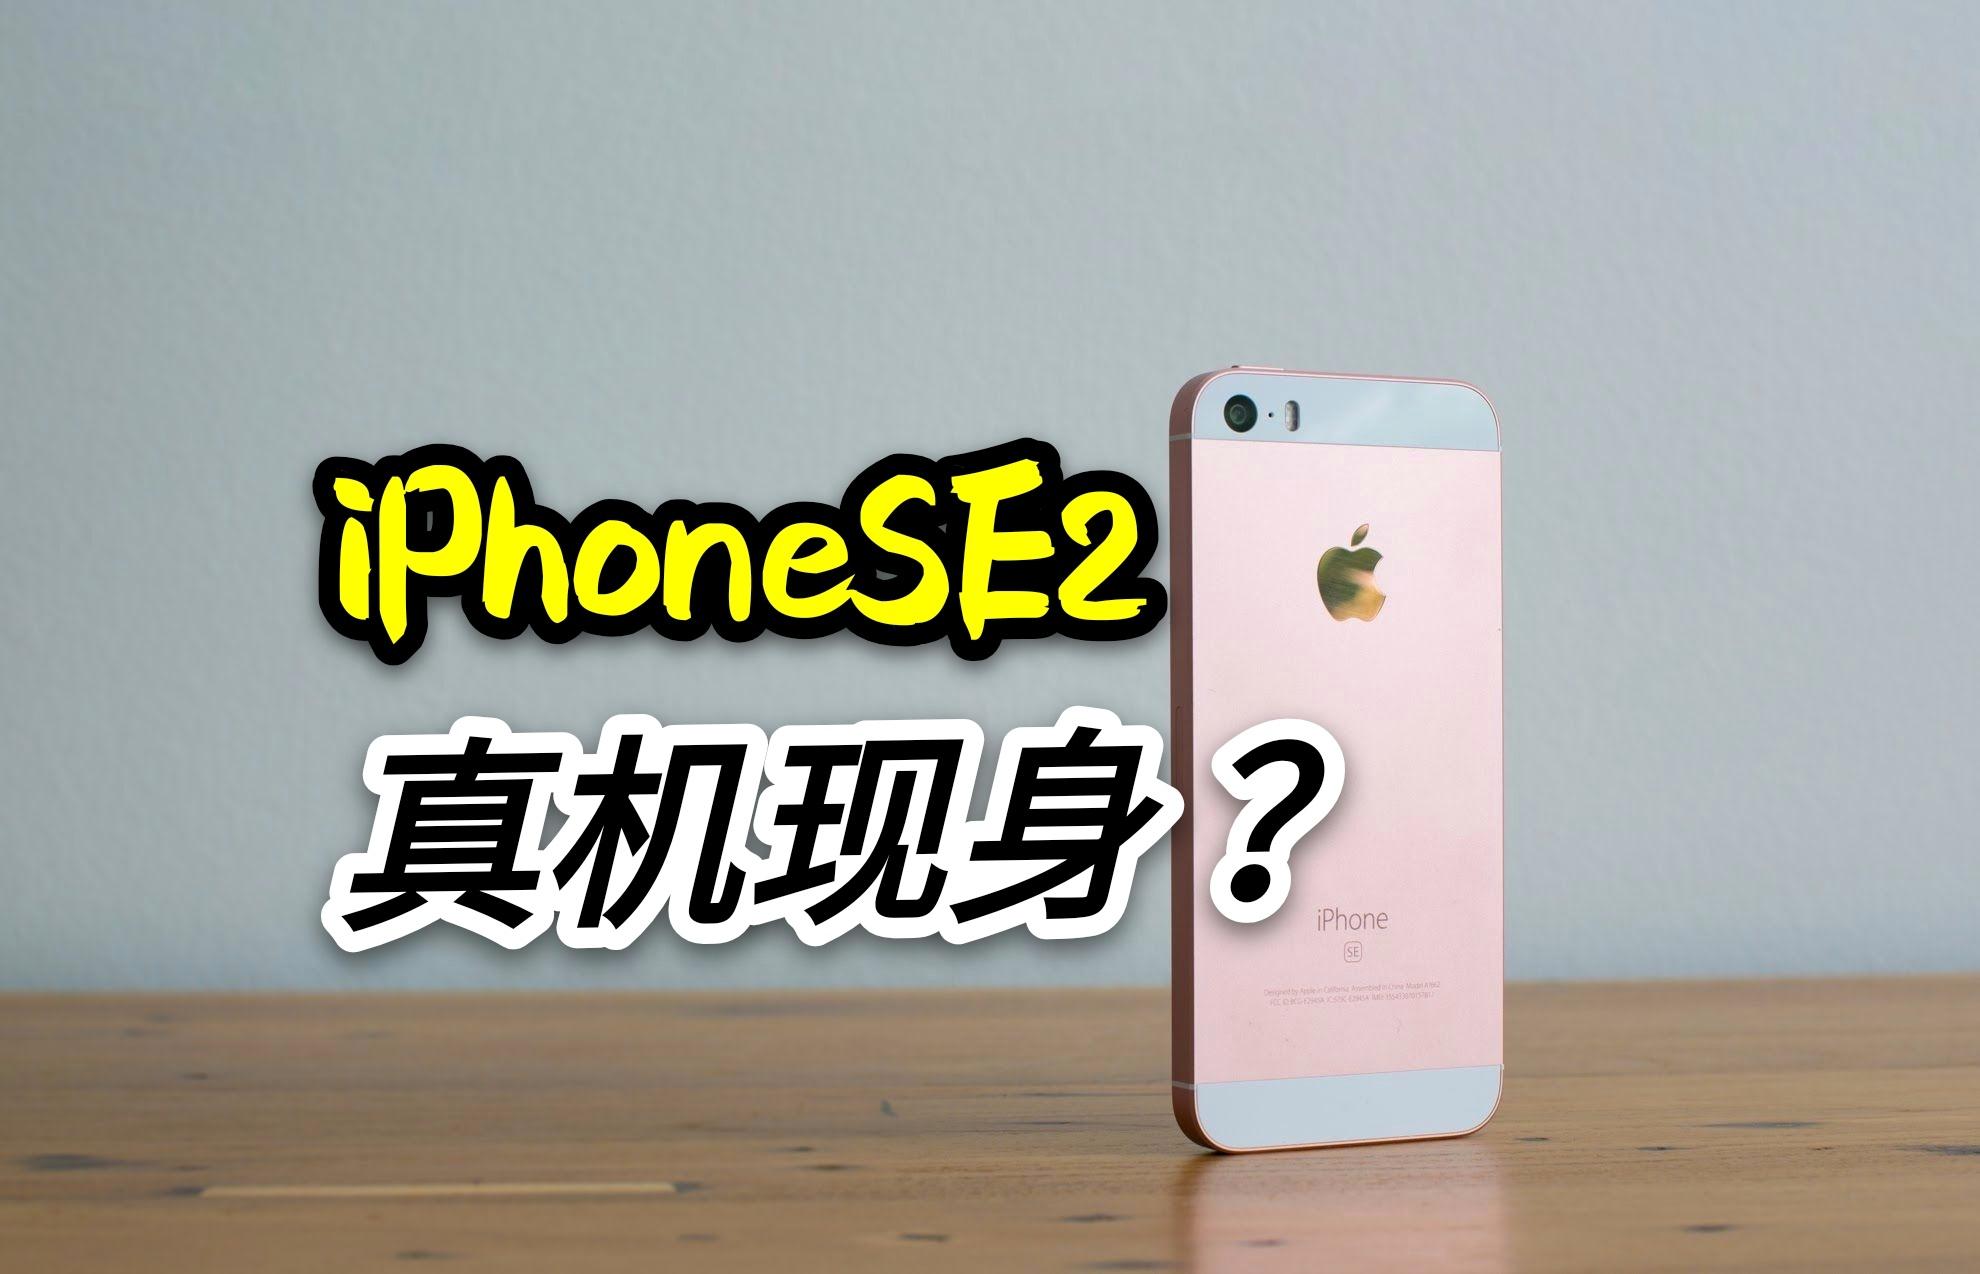 别克新君越报价iPhoneSE 2疑似正面照曝光!微刘海浮出水面、三边